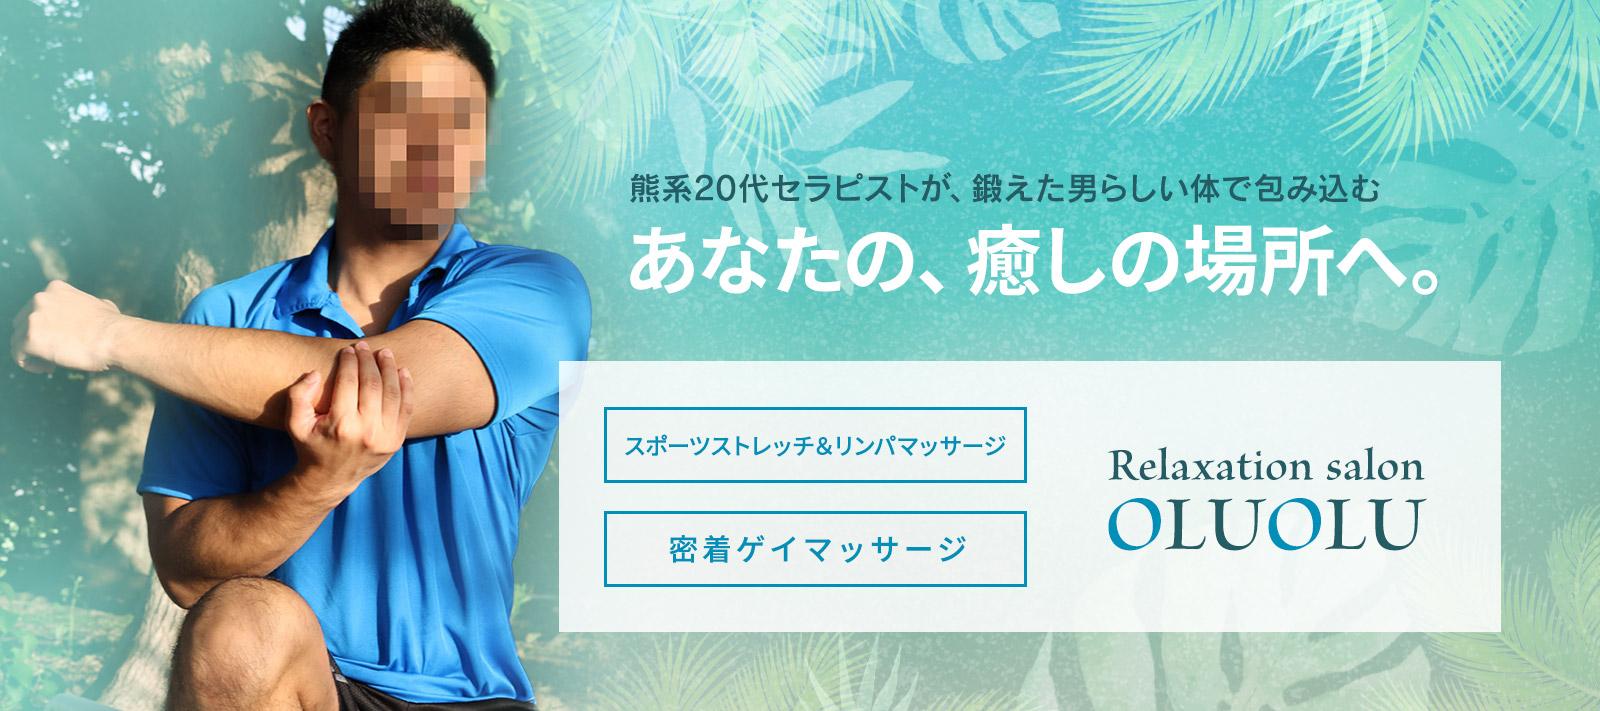 沖縄ゲイマッサージRelaxation salon OLUOLU